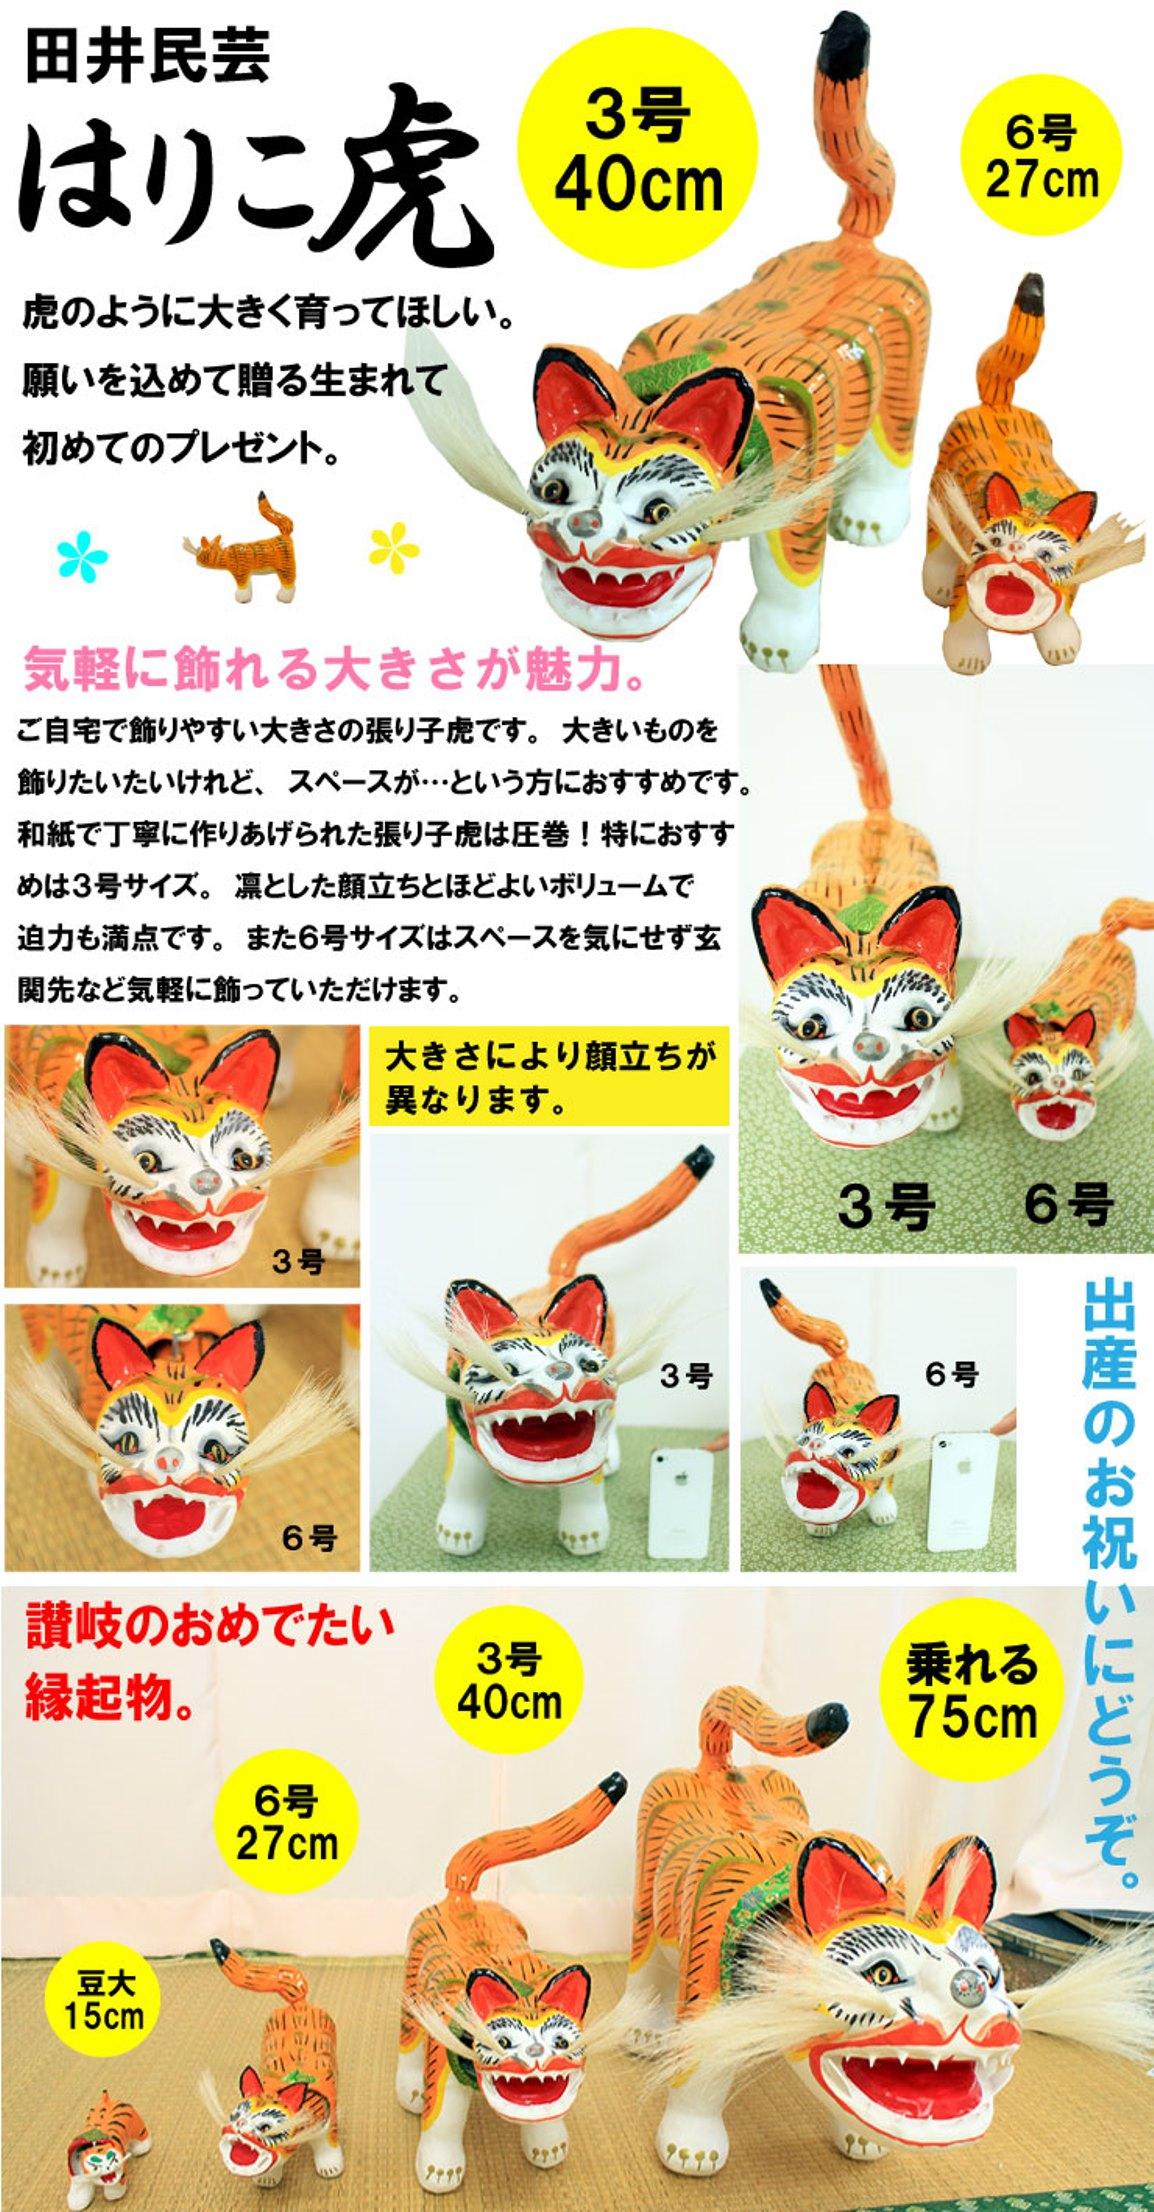 讃岐の伝統工芸品「張り子の虎」です